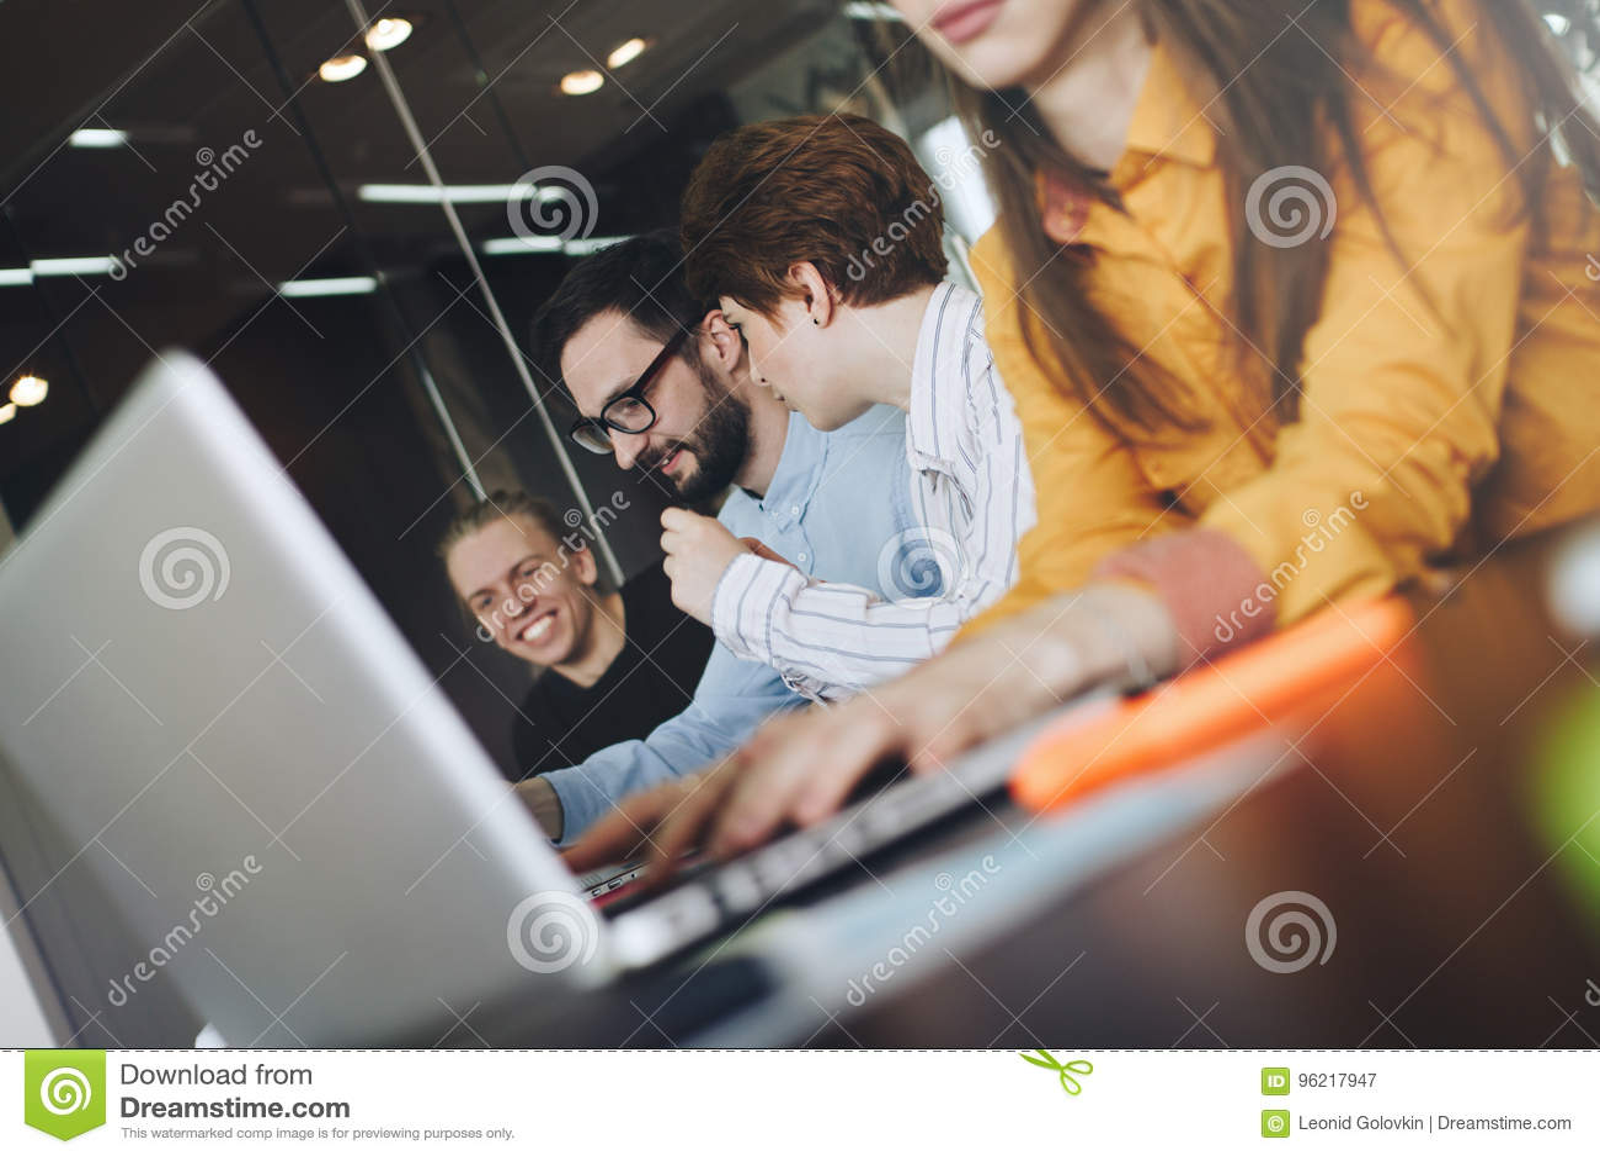 Team von Mitarbeiter IT-Fachmännern, die im modernen Dachboden auf sof arbeiten